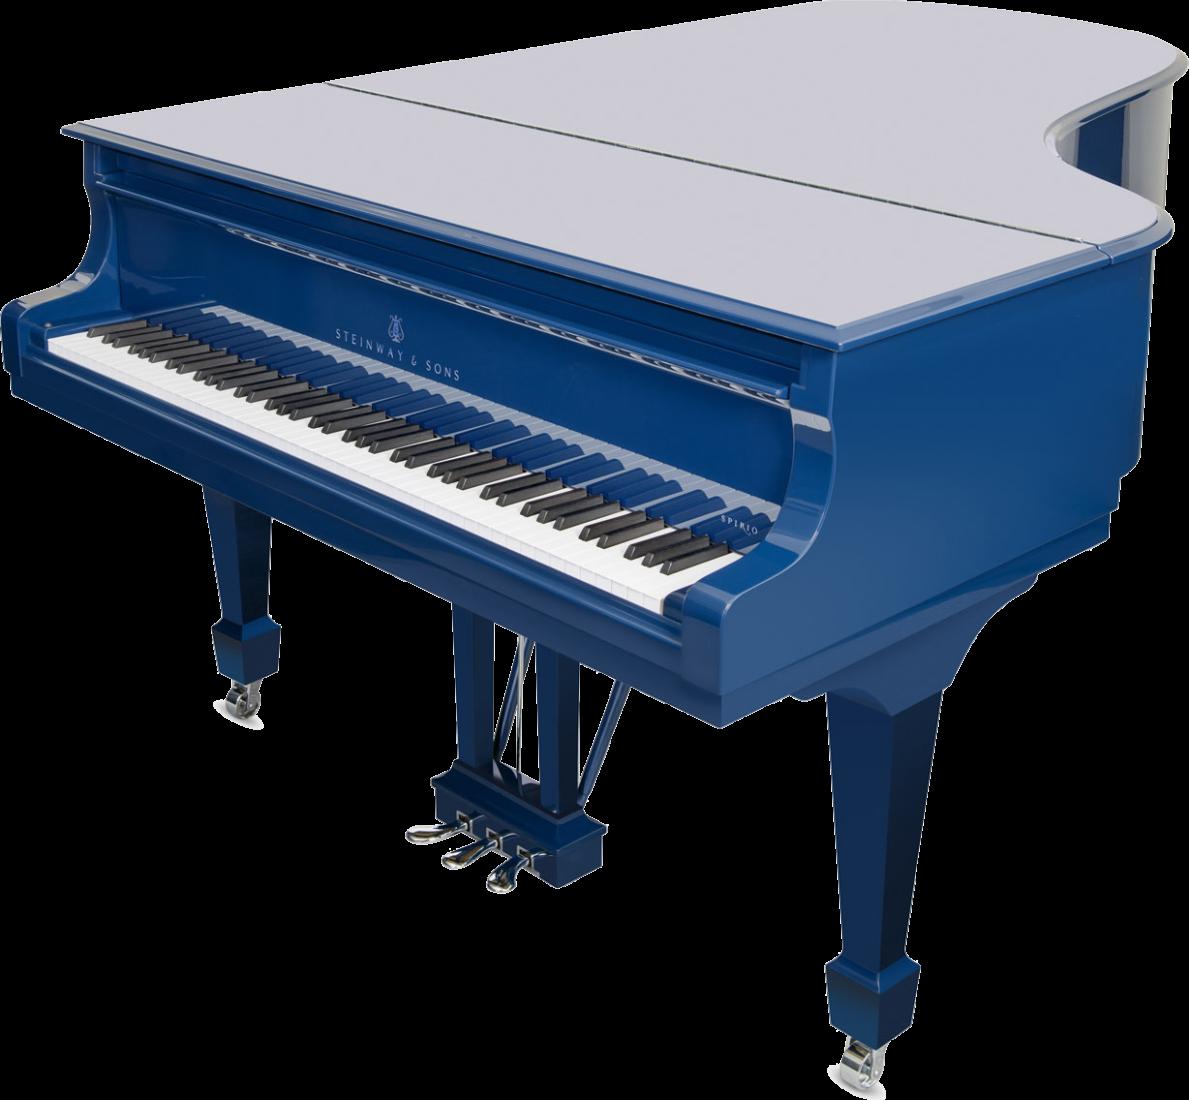 piano-cola-steinway-sons-b211-spirio-artesanal-blue-nuevo-azul-unico-edicion-limitada-picado